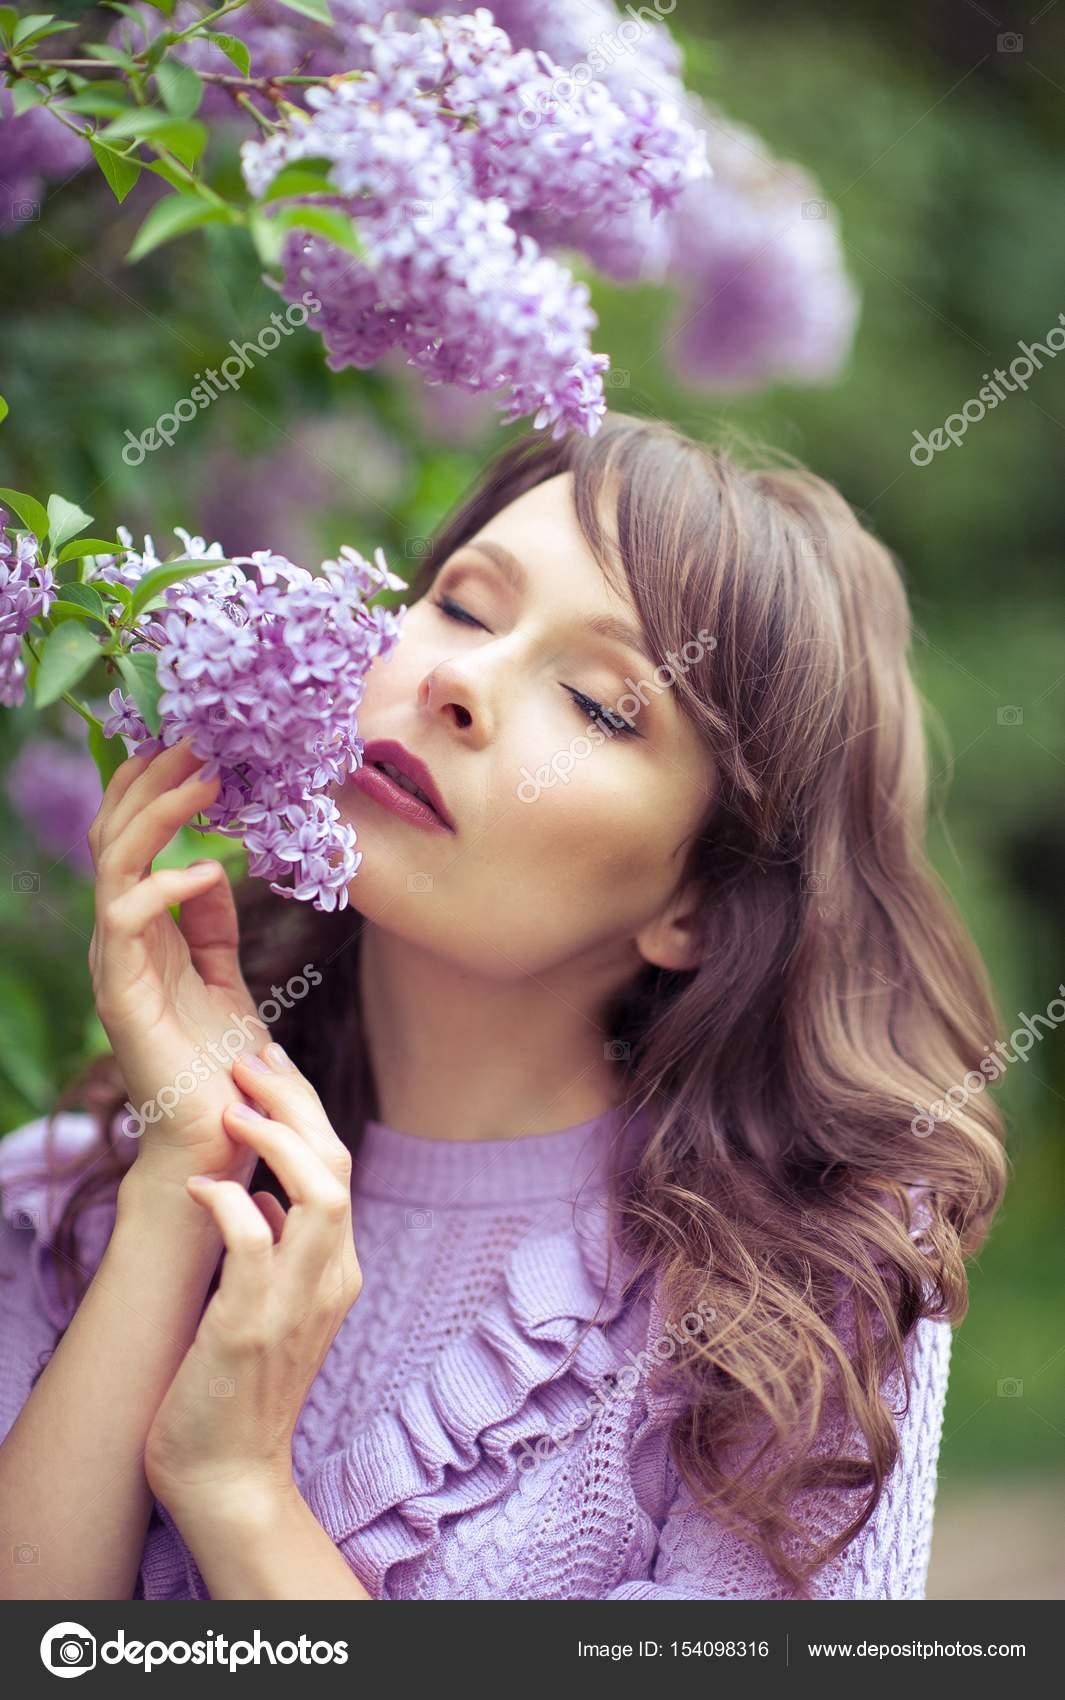 61d75905f8 Młoda kobieta piękne spacery wzdłuż ogród wiosną. Dziewczynka stoi w  pobliżu bzy. Liliowy. Kwiaty– obraz stockowy